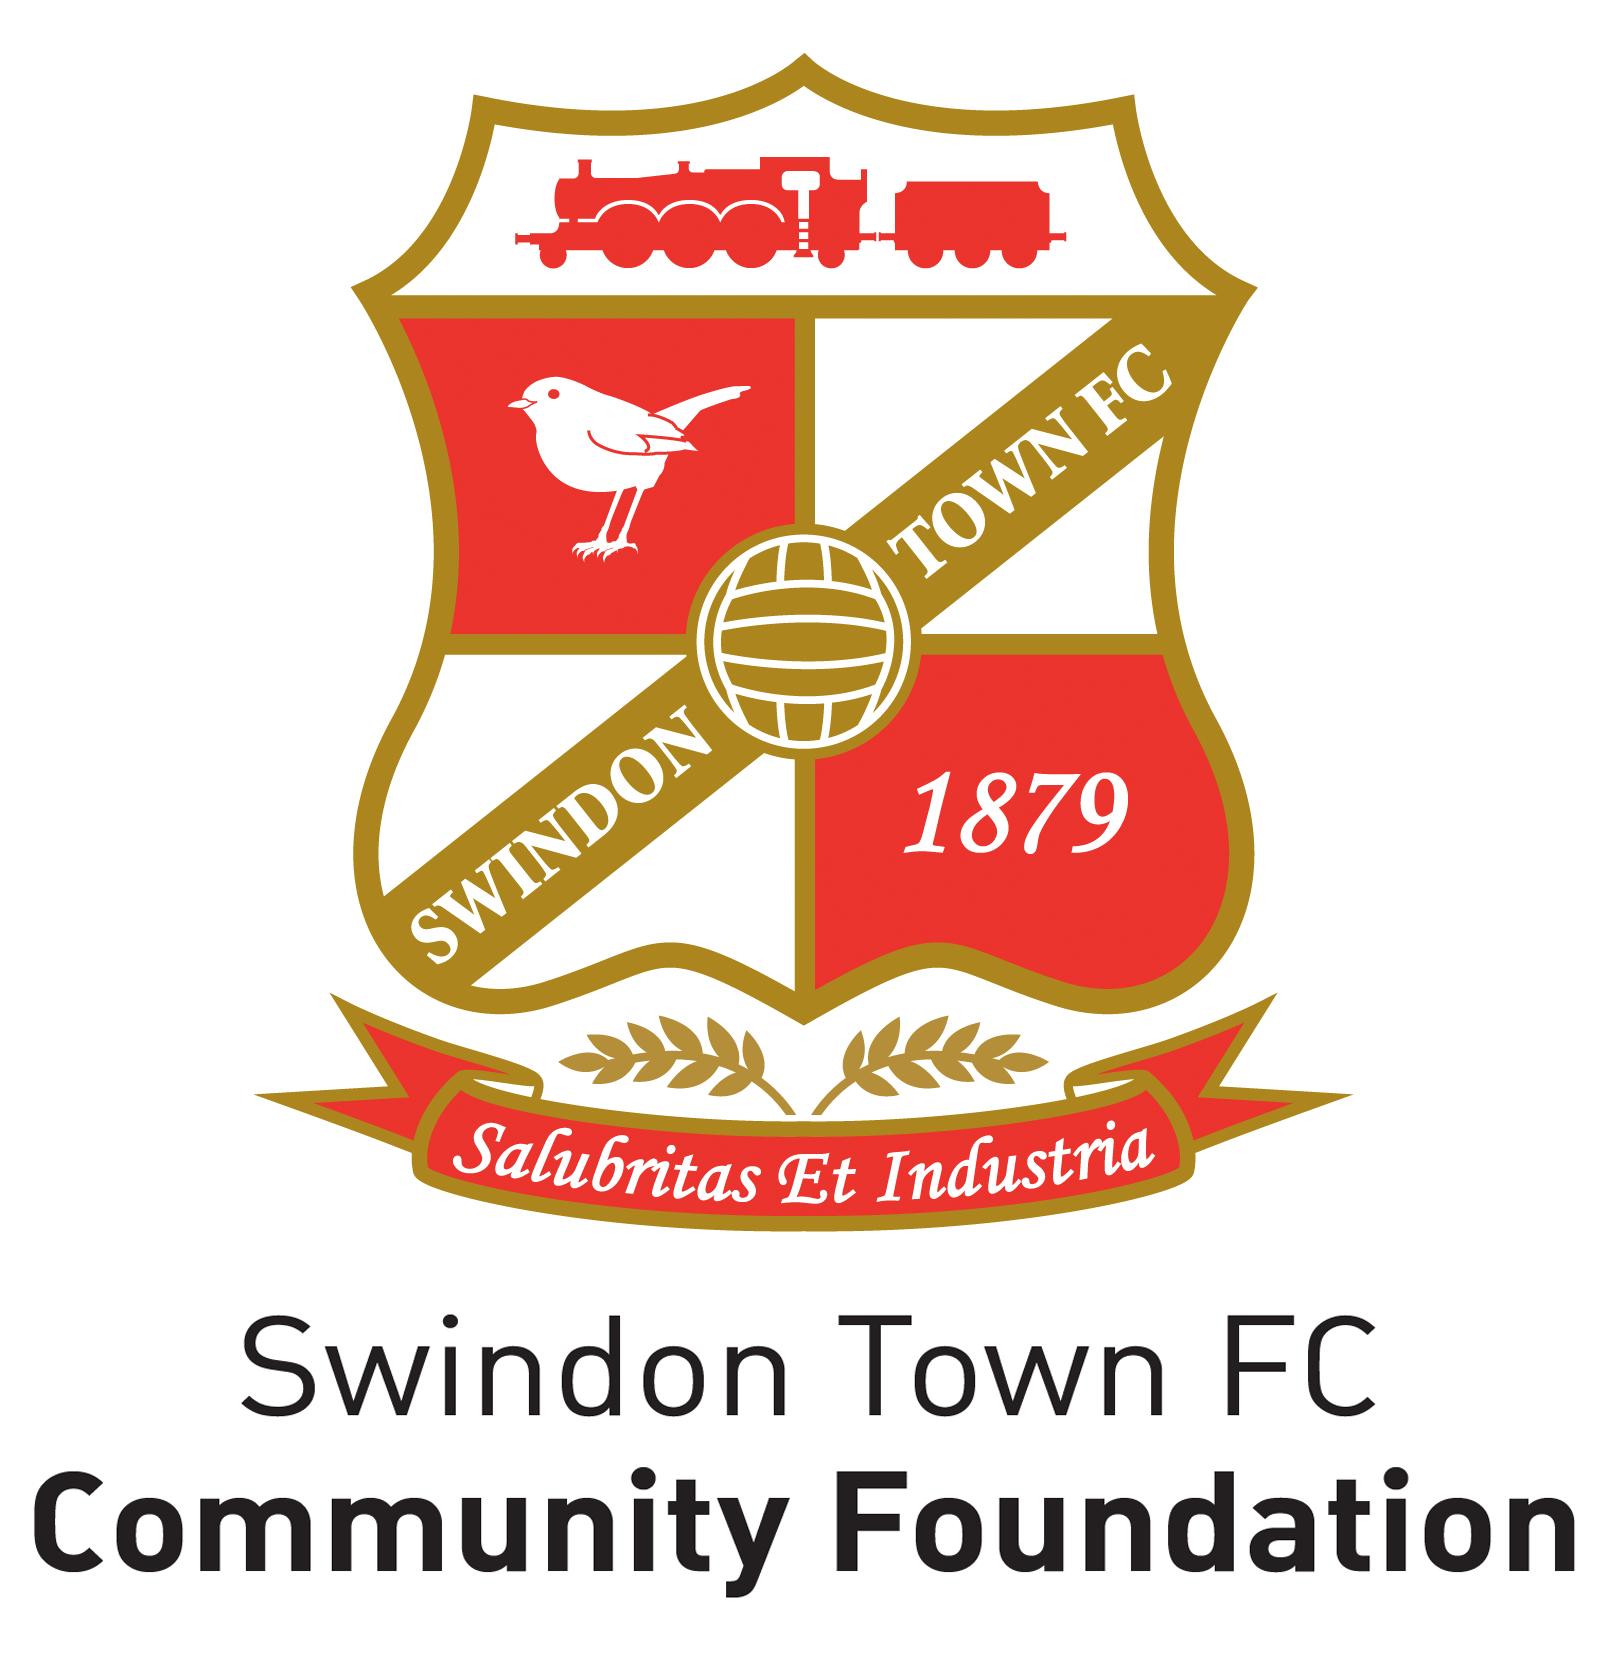 STFC Foundation Heraldic Logo MU.png